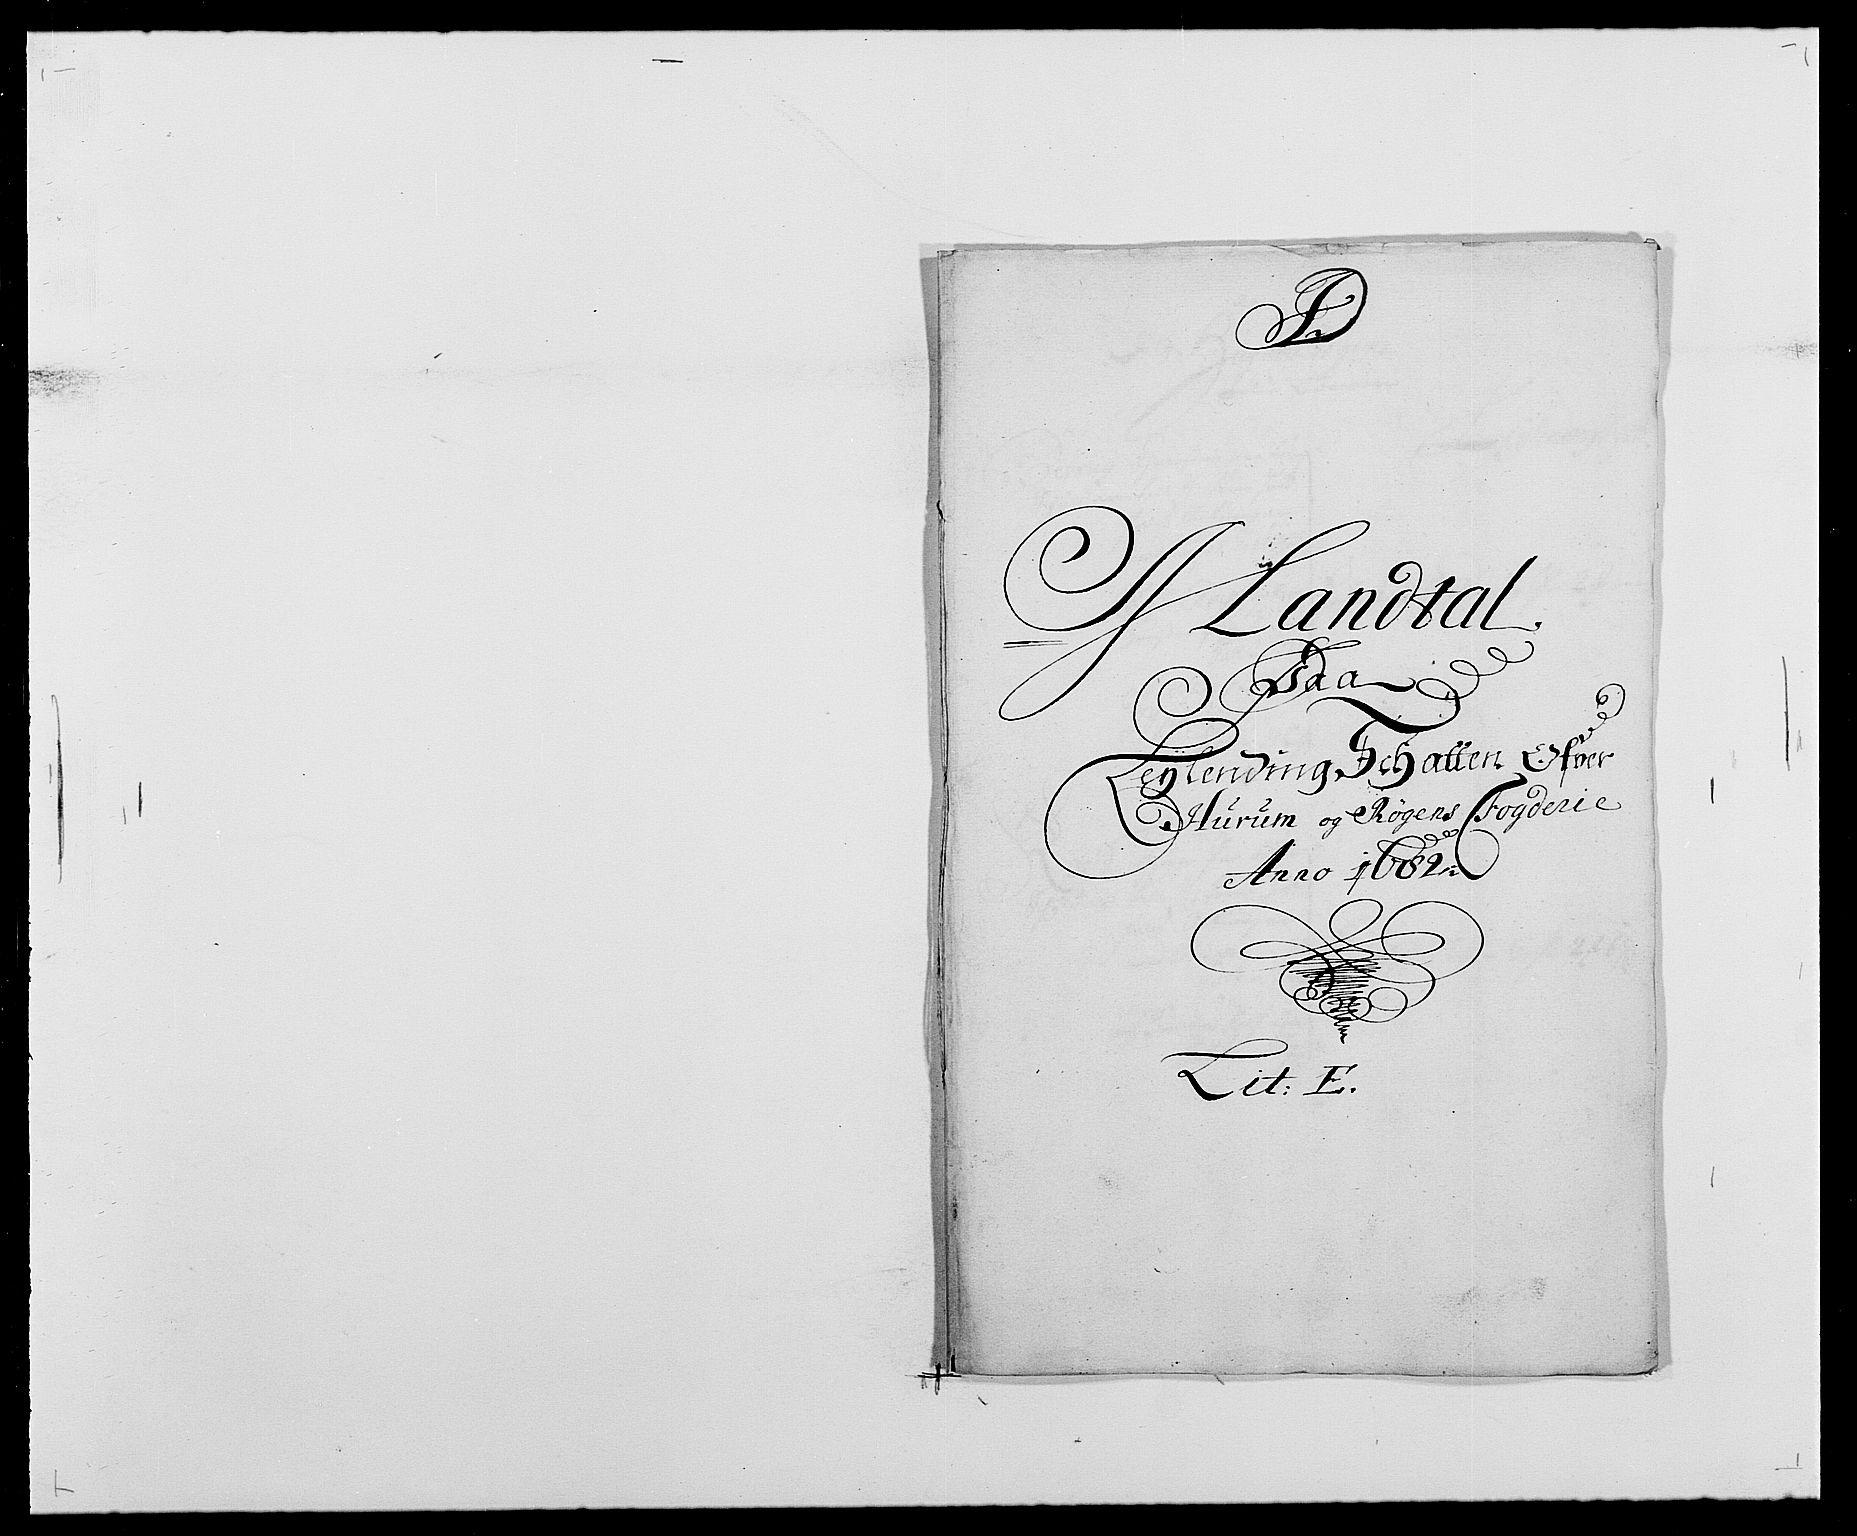 RA, Rentekammeret inntil 1814, Reviderte regnskaper, Fogderegnskap, R29/L1692: Fogderegnskap Hurum og Røyken, 1682-1687, s. 54